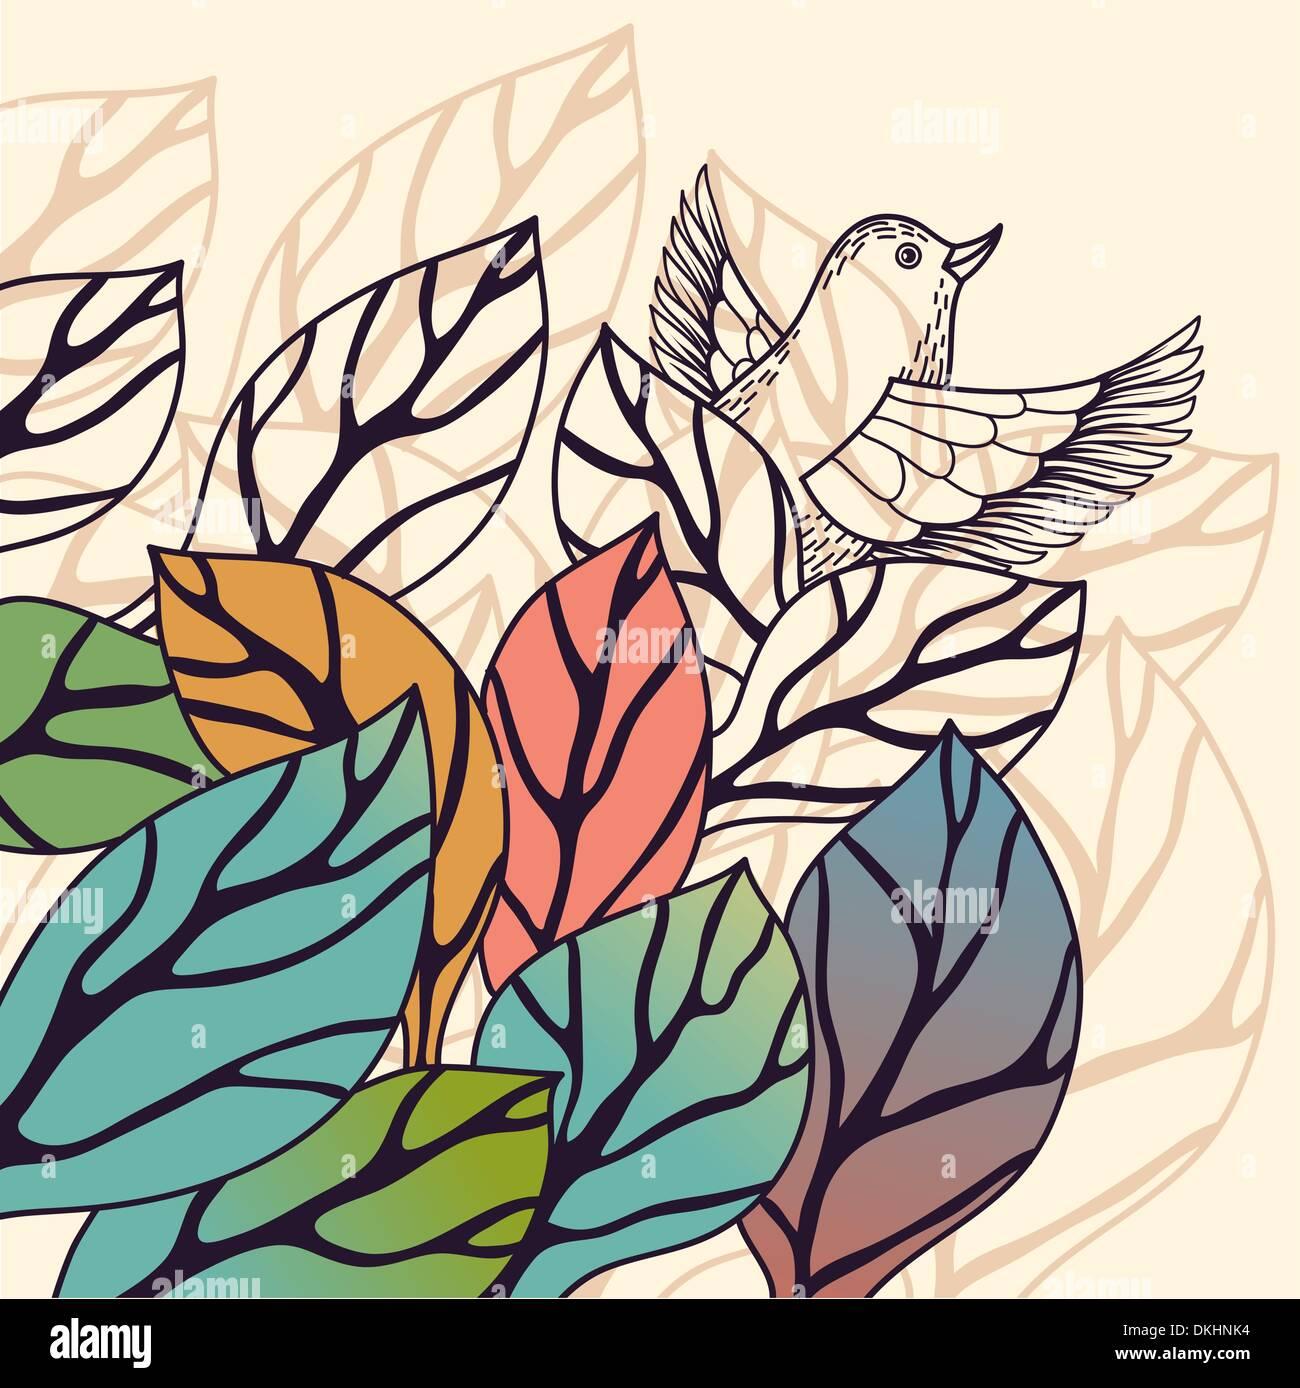 Natura del vettore sfondo con foglie colorate Immagini Stock